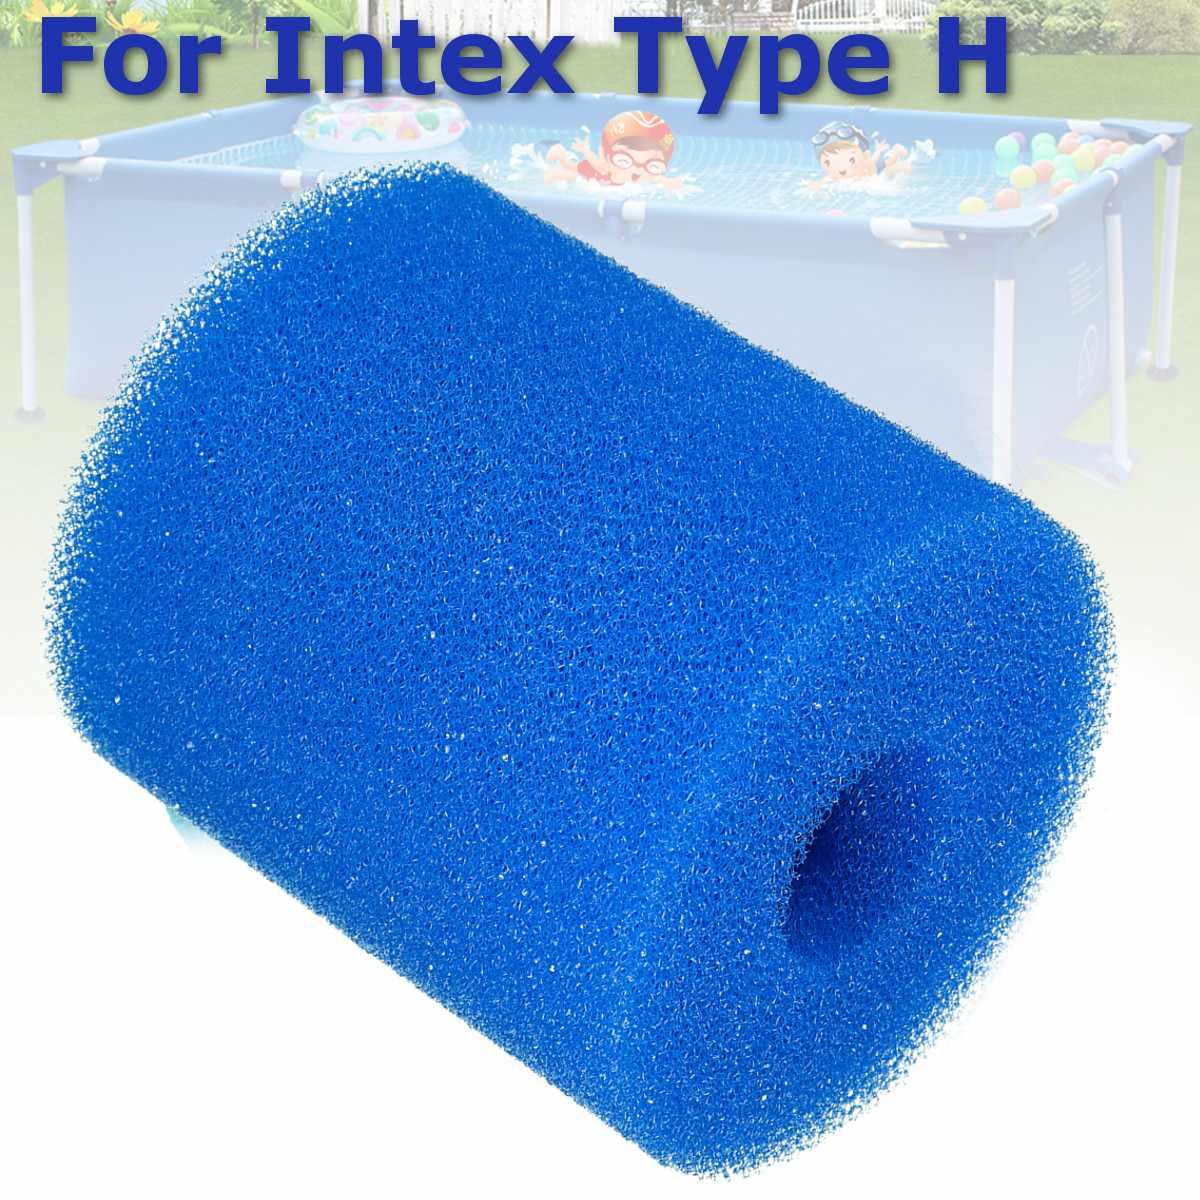 2 размера фильтр для бассейна пена многоразовая моющаяся губка для Intex H S1 Тип картридж пена подходит пузырчатая гидромассажная чистая спа